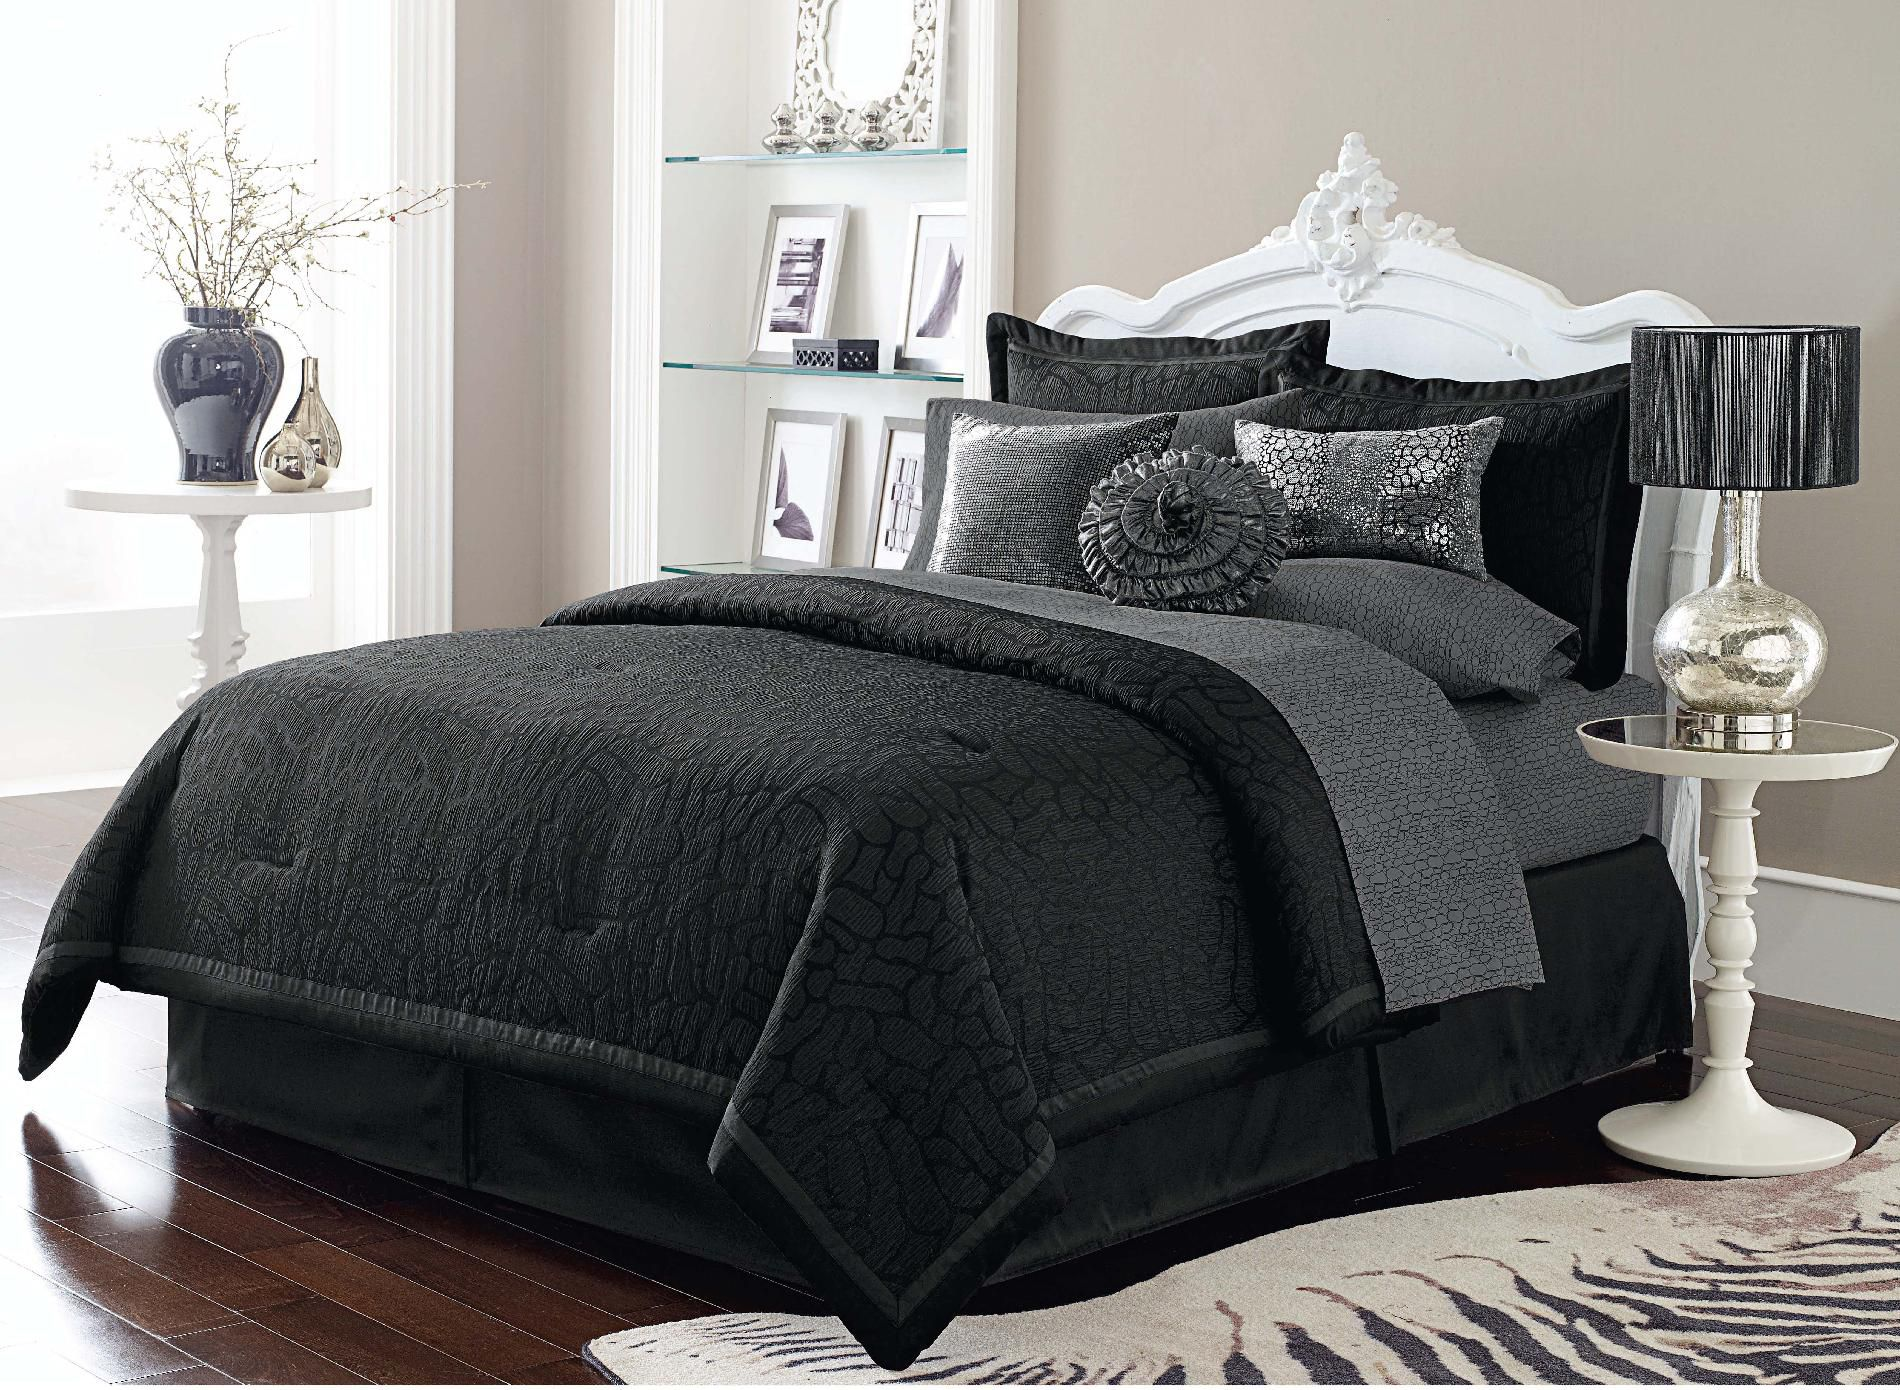 Sofia by Sofia Vergara Black Magic Comforter Set